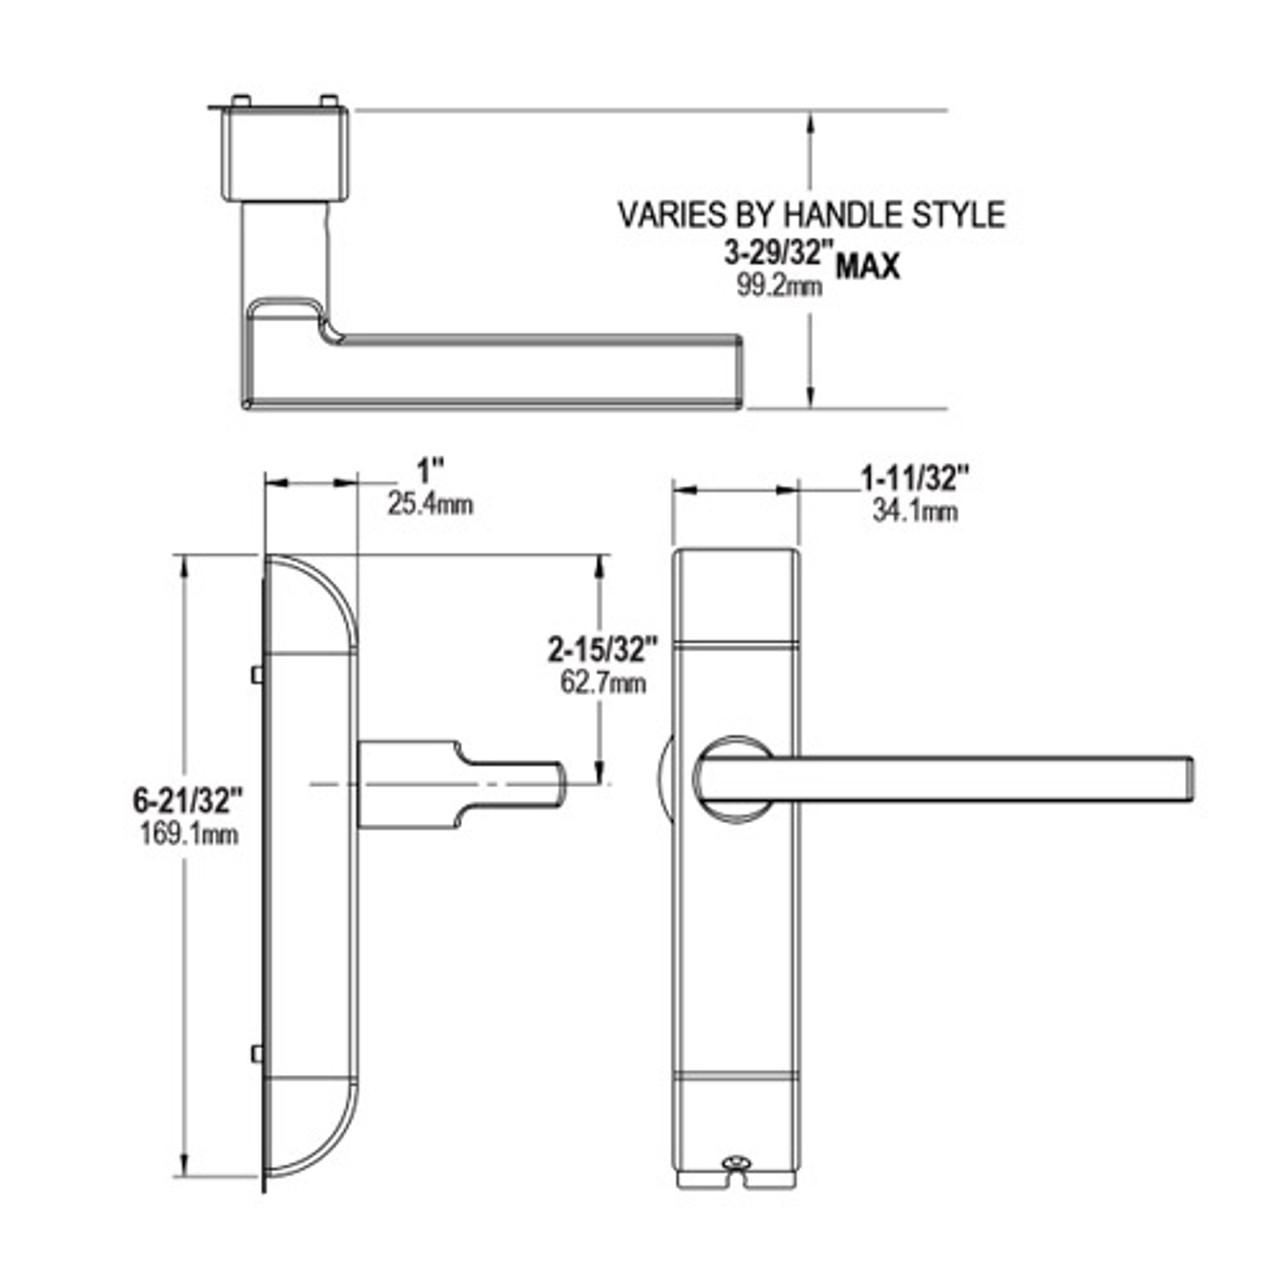 4600M-MG-512-US4 Adams Rite MG Designer handle Dimensional View